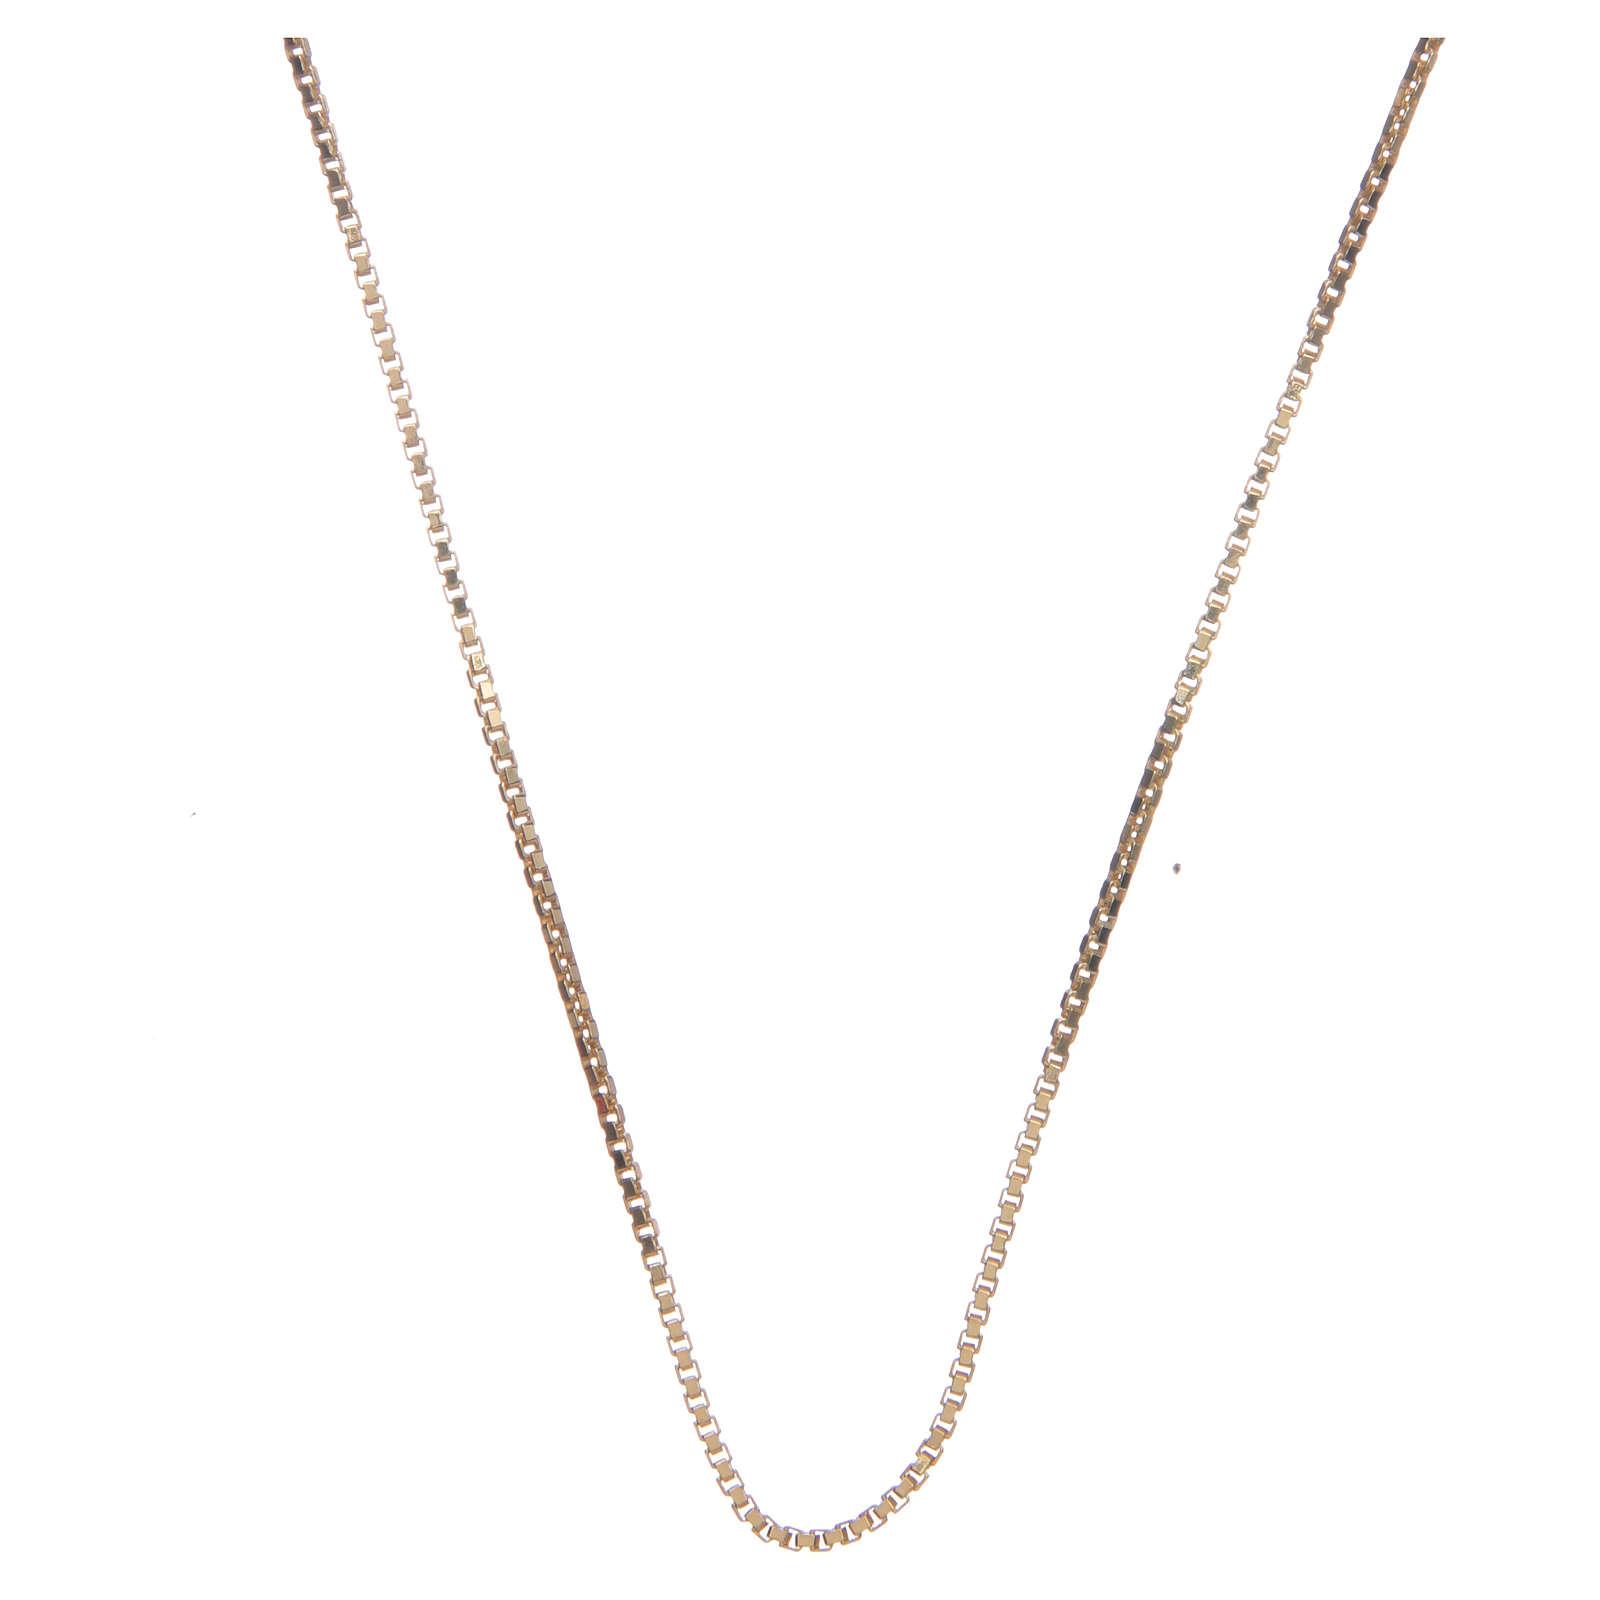 Corrente veneziana prata 925 dourada comprimento 55 cm 4